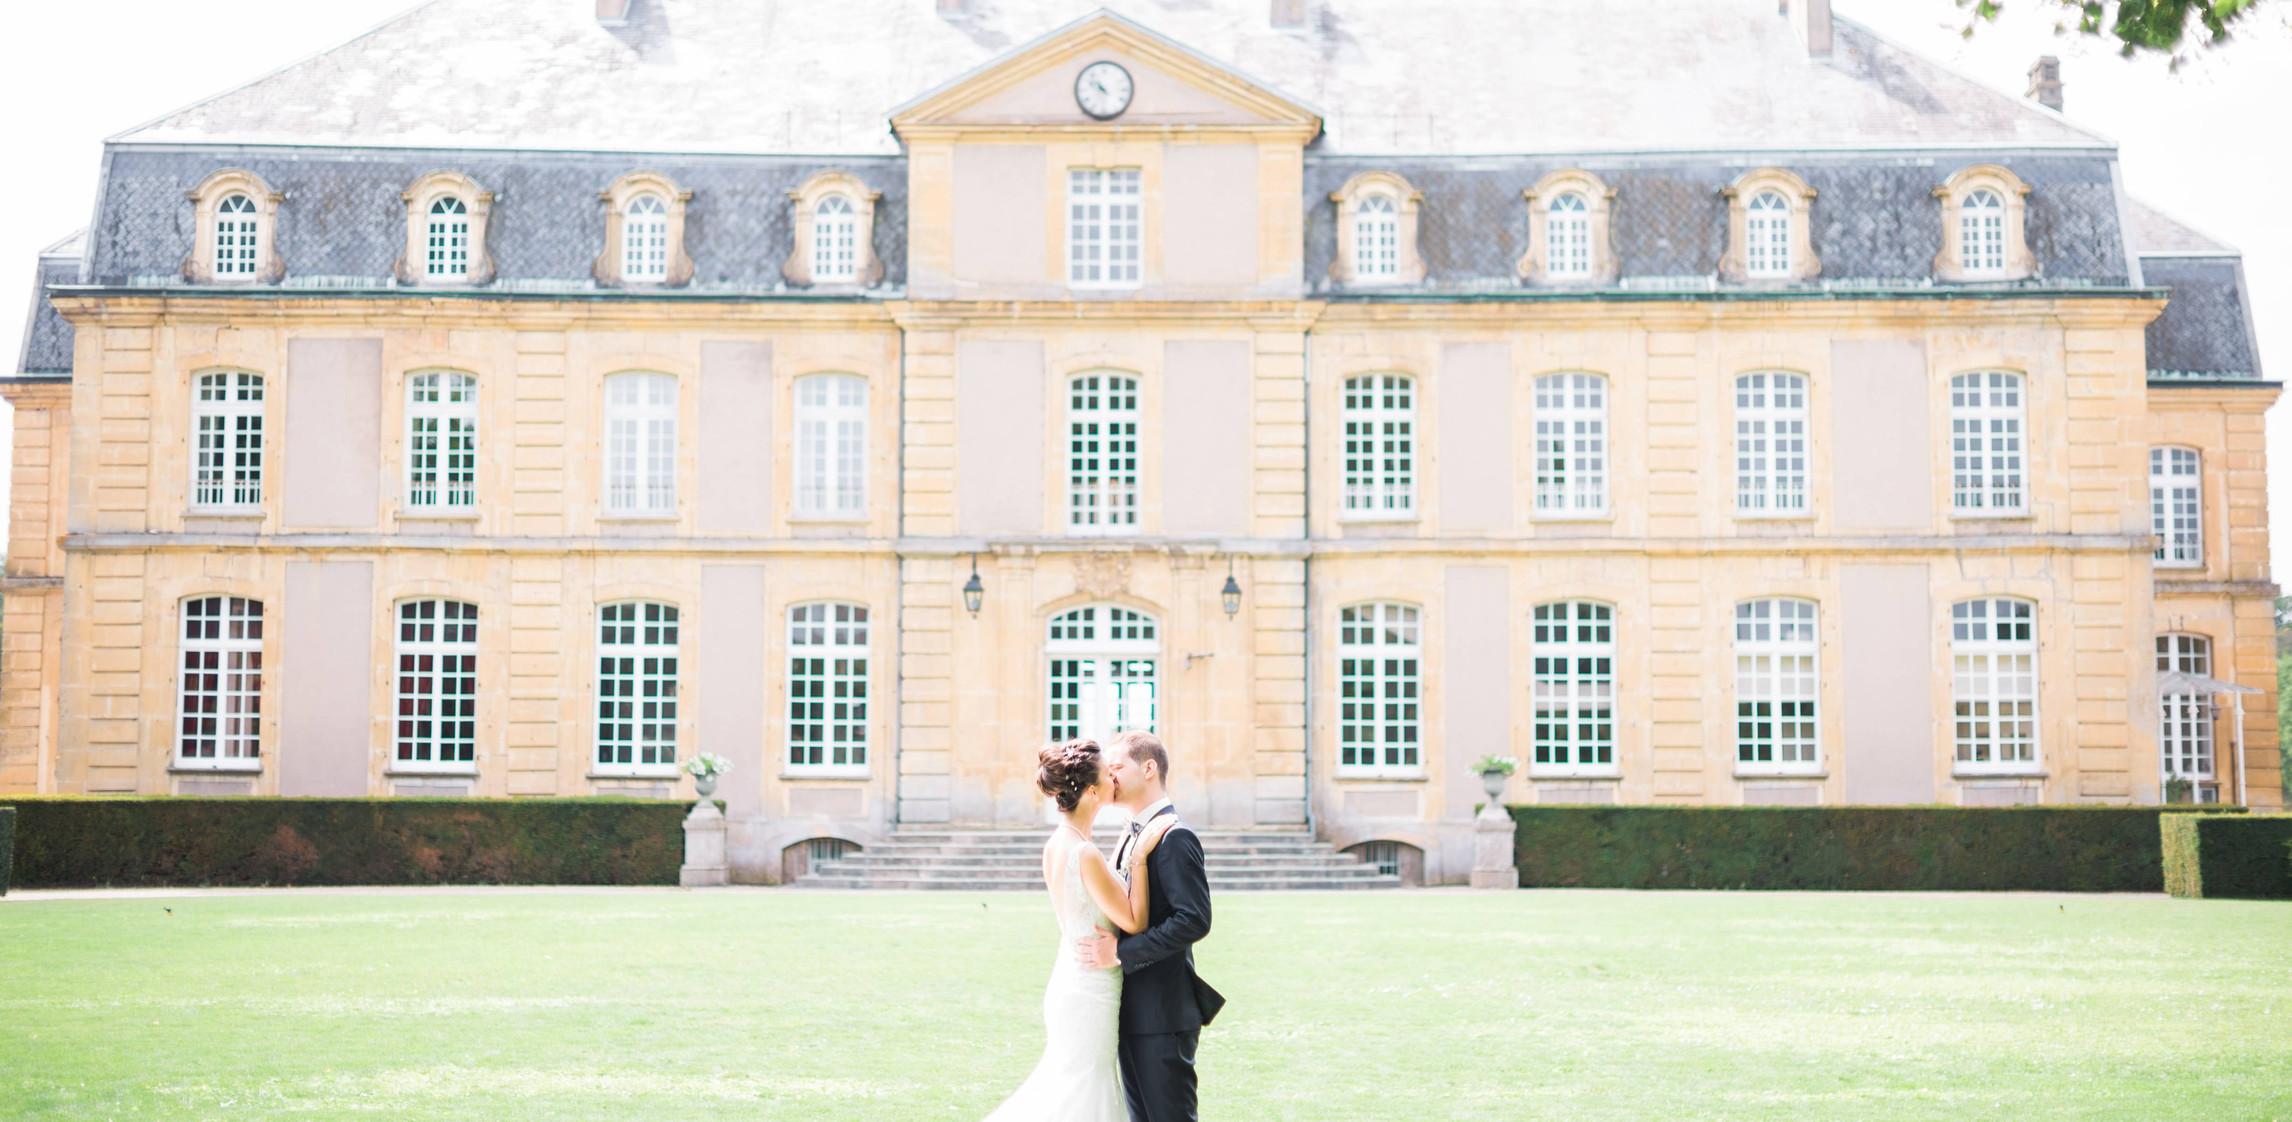 Photographe de mariage à Metz et au Luxembourg. En Moselle et en Lorraine. Contact